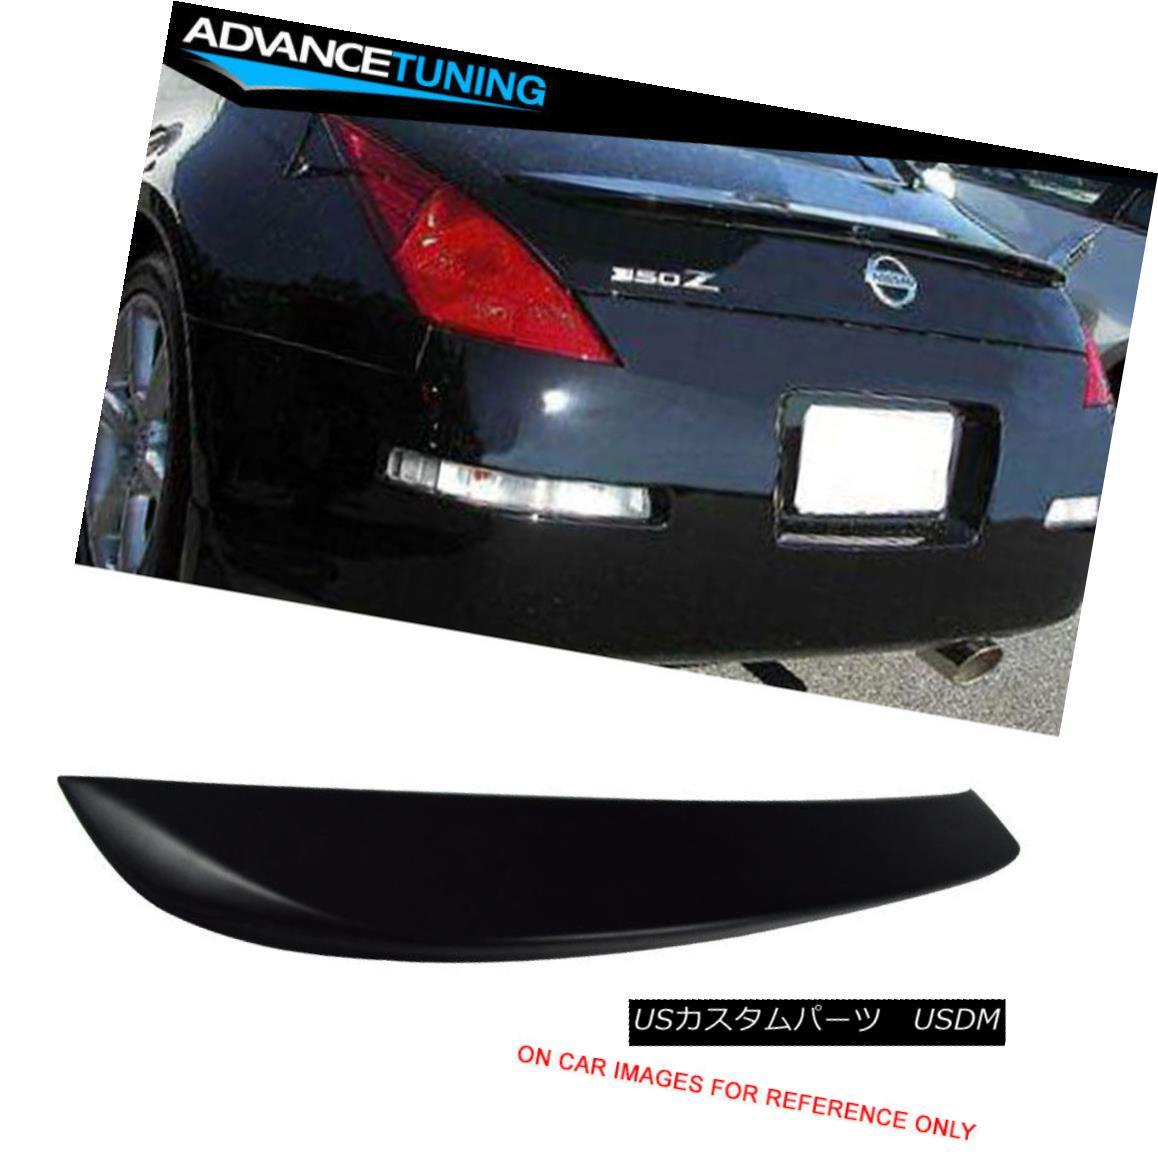 エアロパーツ For 03-08 Nissan 350Z OE Style Rear Trunk Spoiler Wing Unpainted ABS 03-08日産350Z OEスタイルリアトランクスポイラーウイング未塗装ABS